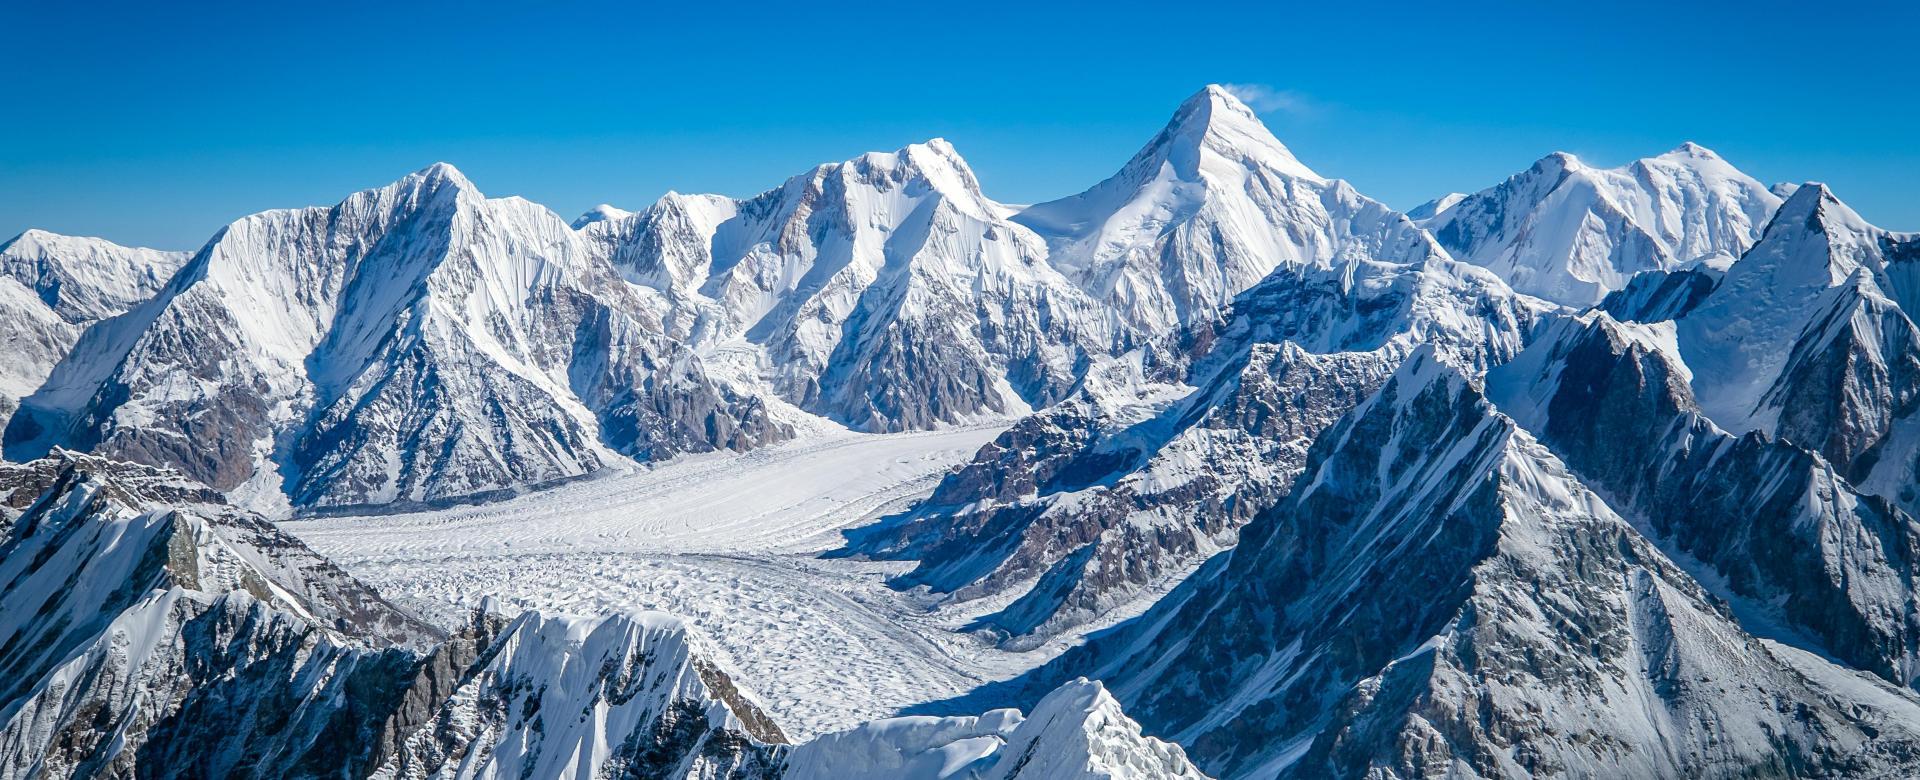 Voyage à pied : Trek des glaciers du khan tengri (7010 m)